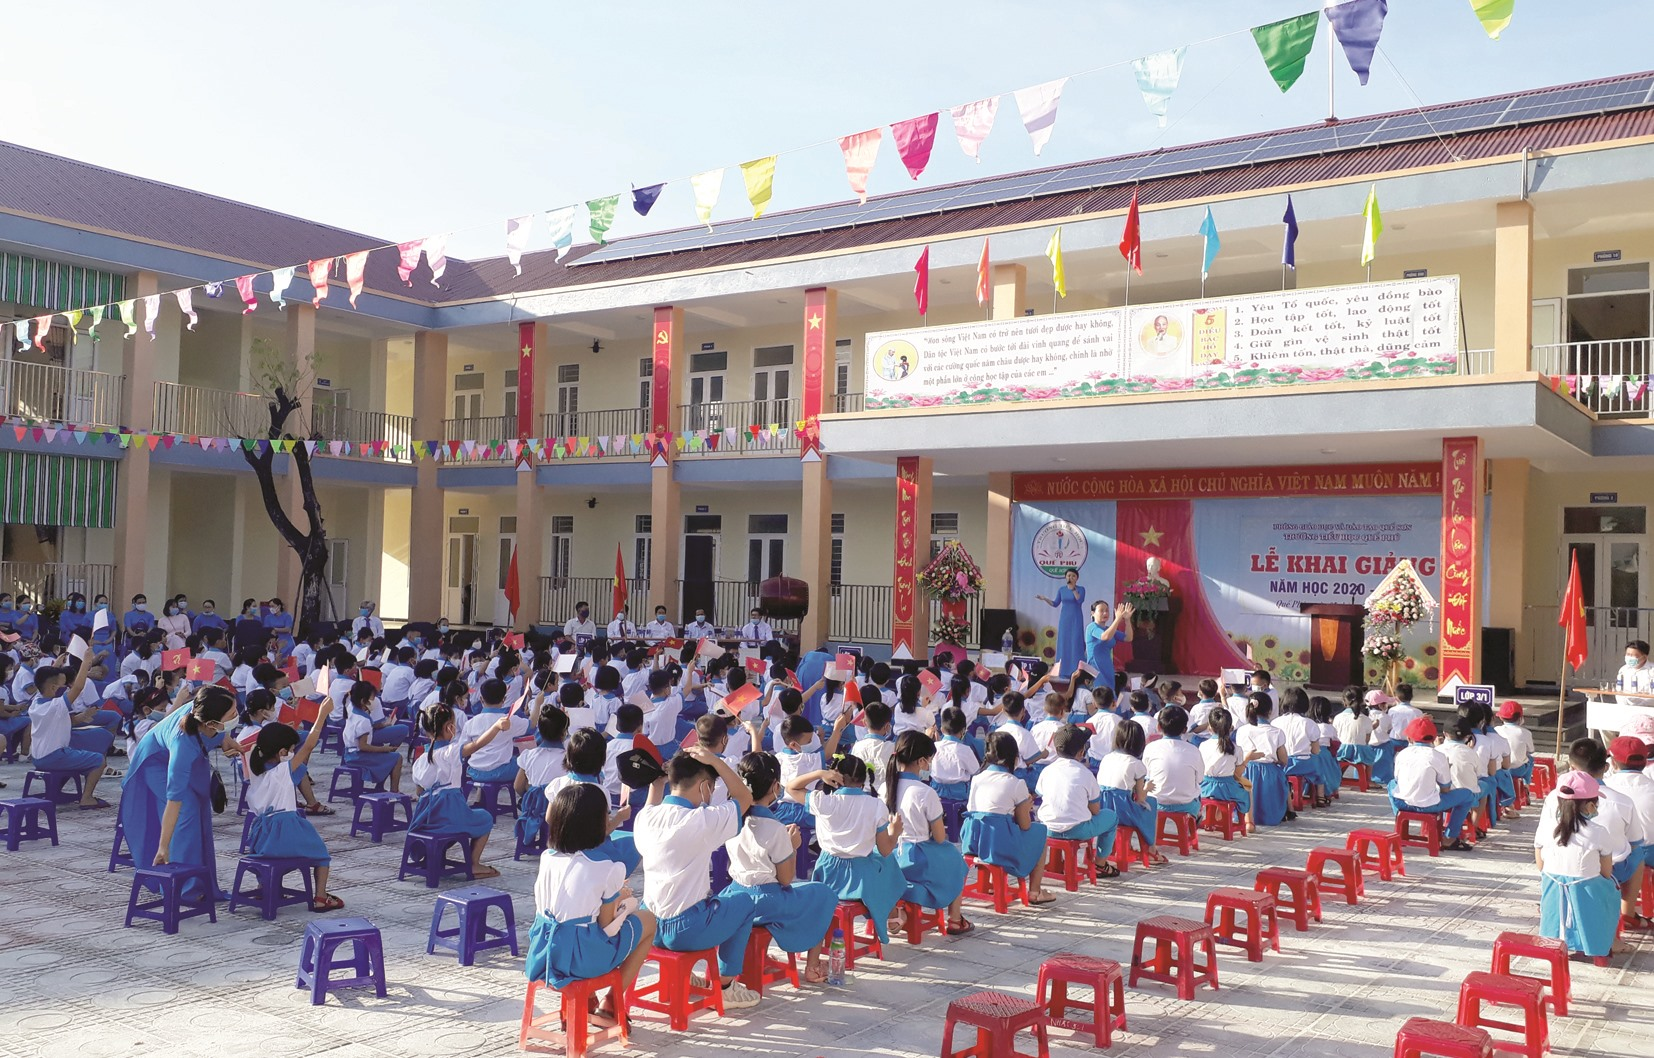 Trường Tiểu học Quế Phú (Quế Sơn) vừa được đầu tư xây mới kiên cố, khang trang. Ảnh: T.P